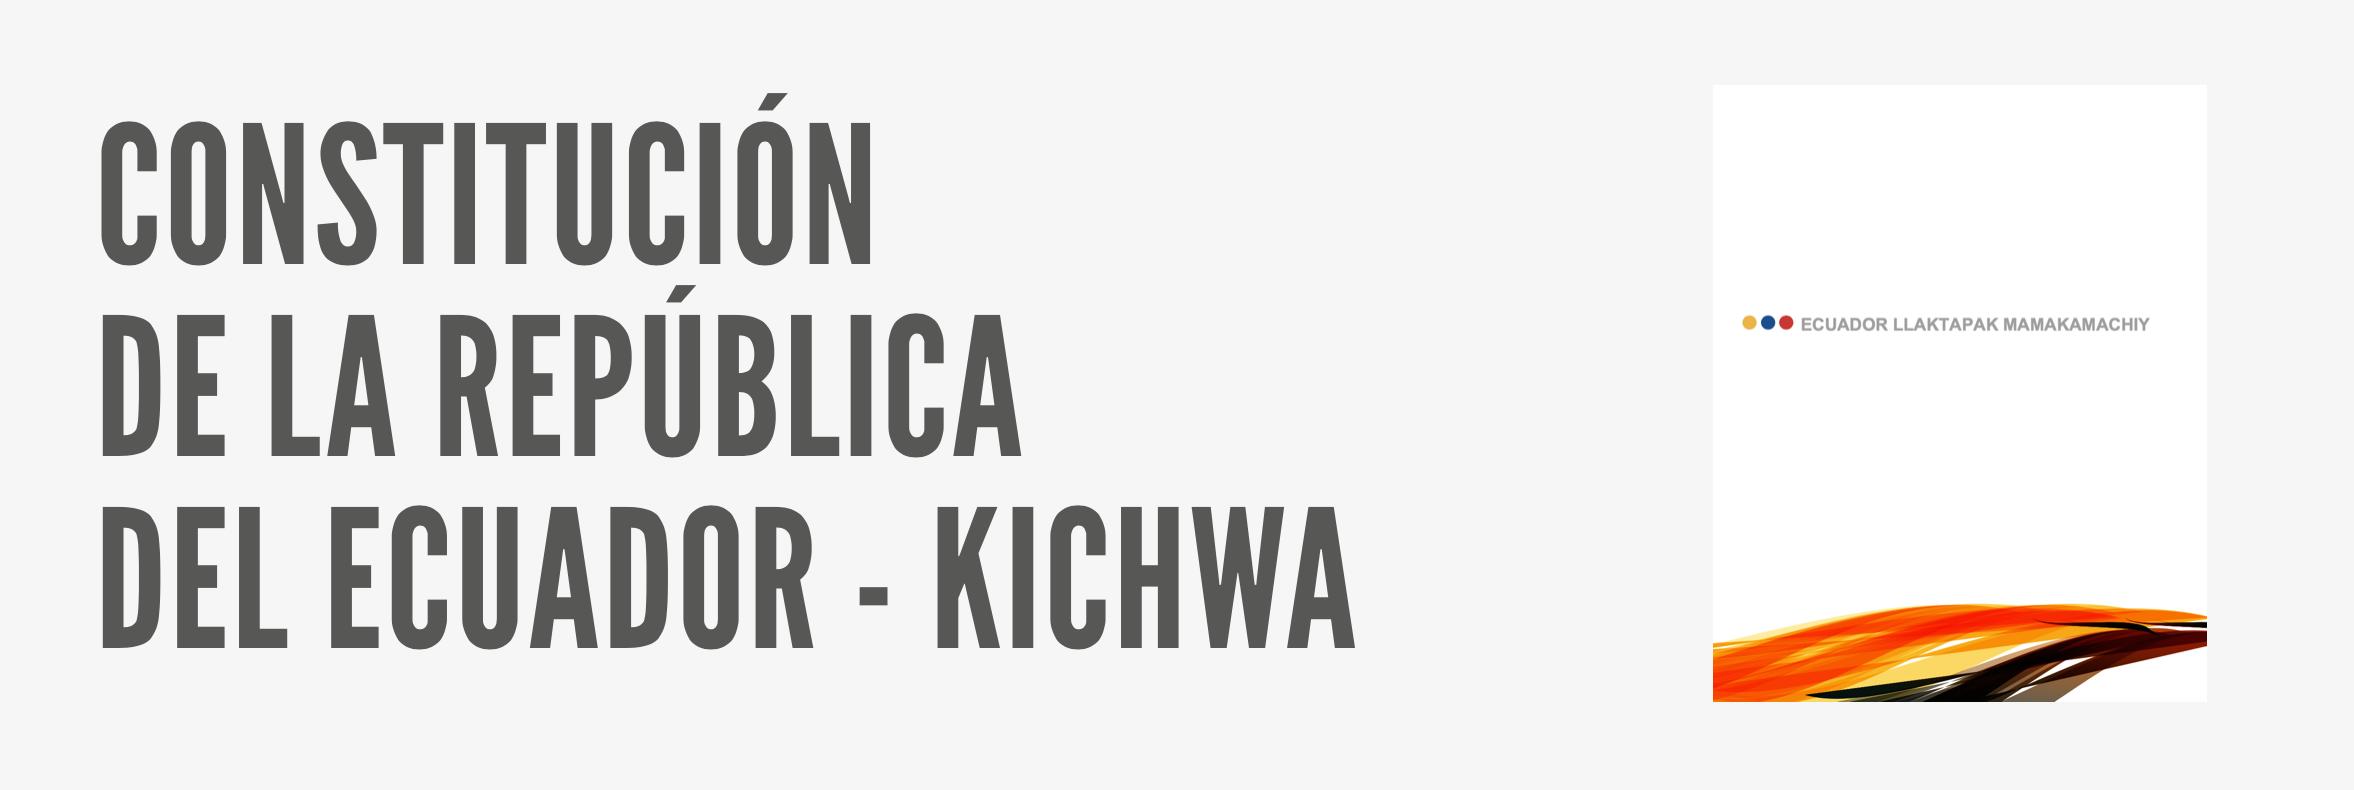 Constitucion del Ecuador - Kichwa